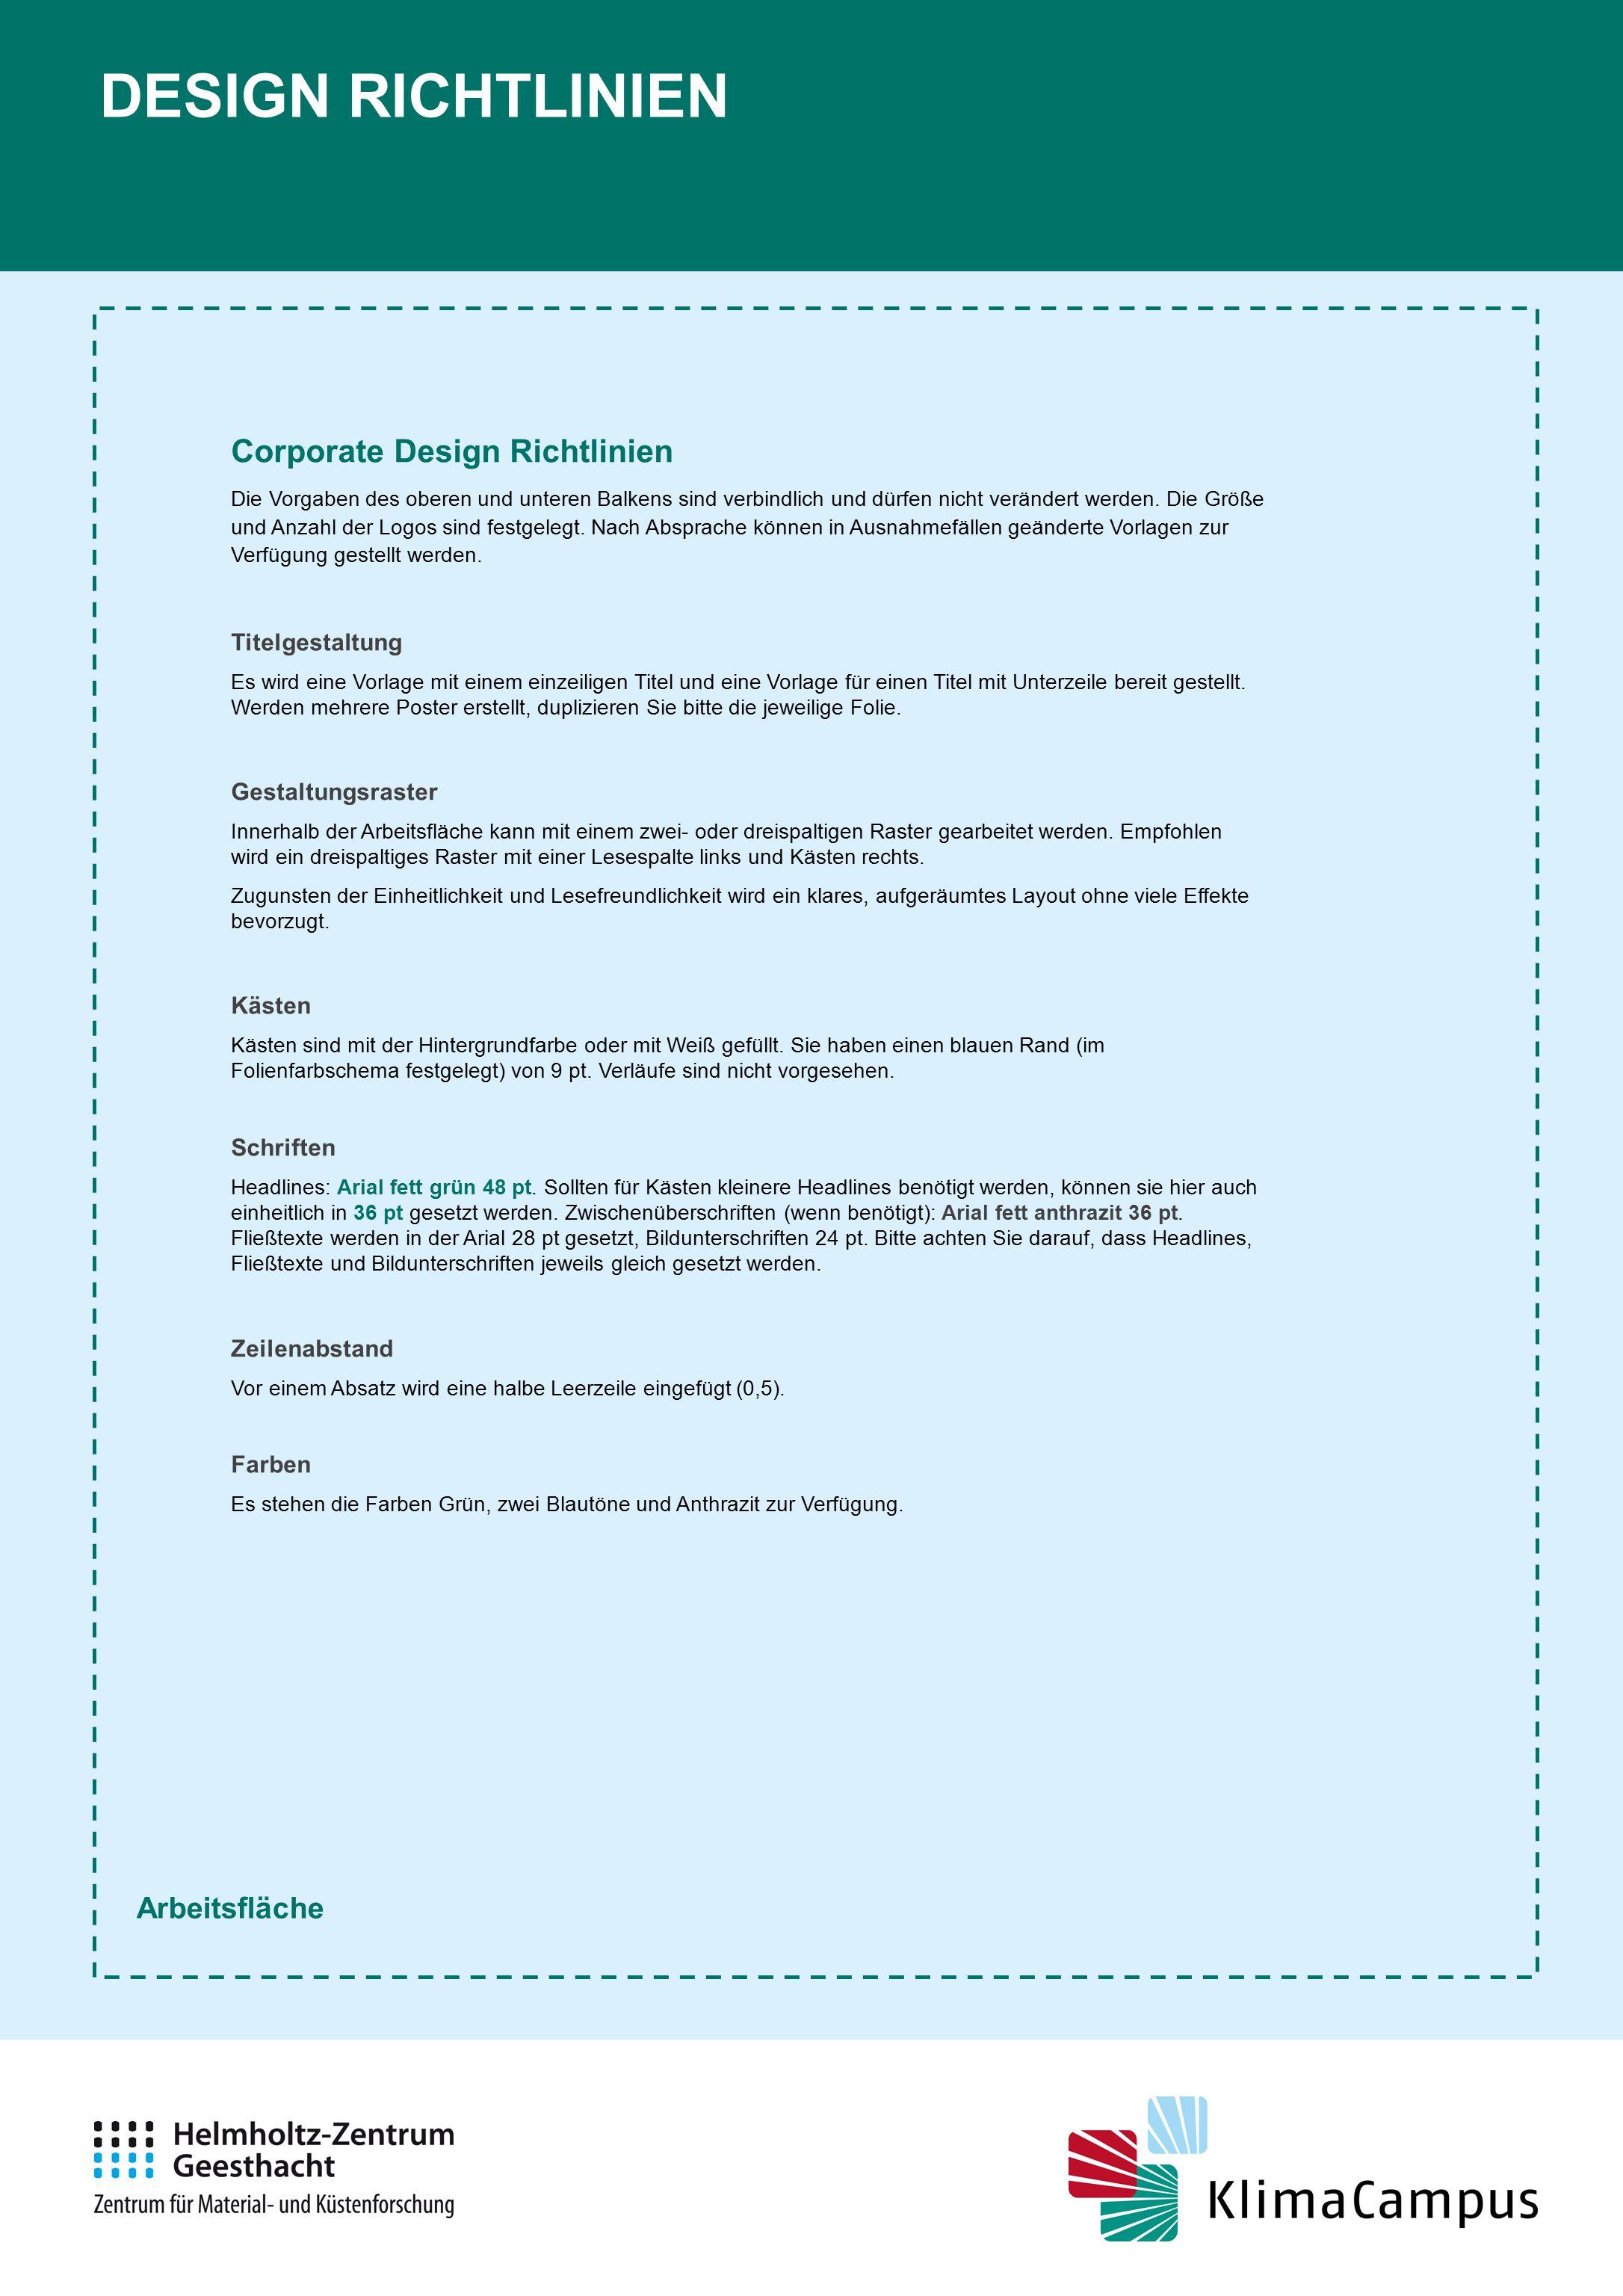 Corporate Design Richtlinien Die Vorgaben des oberen und unteren Balkens sind verbindlich und dürfen nicht verändert werden.